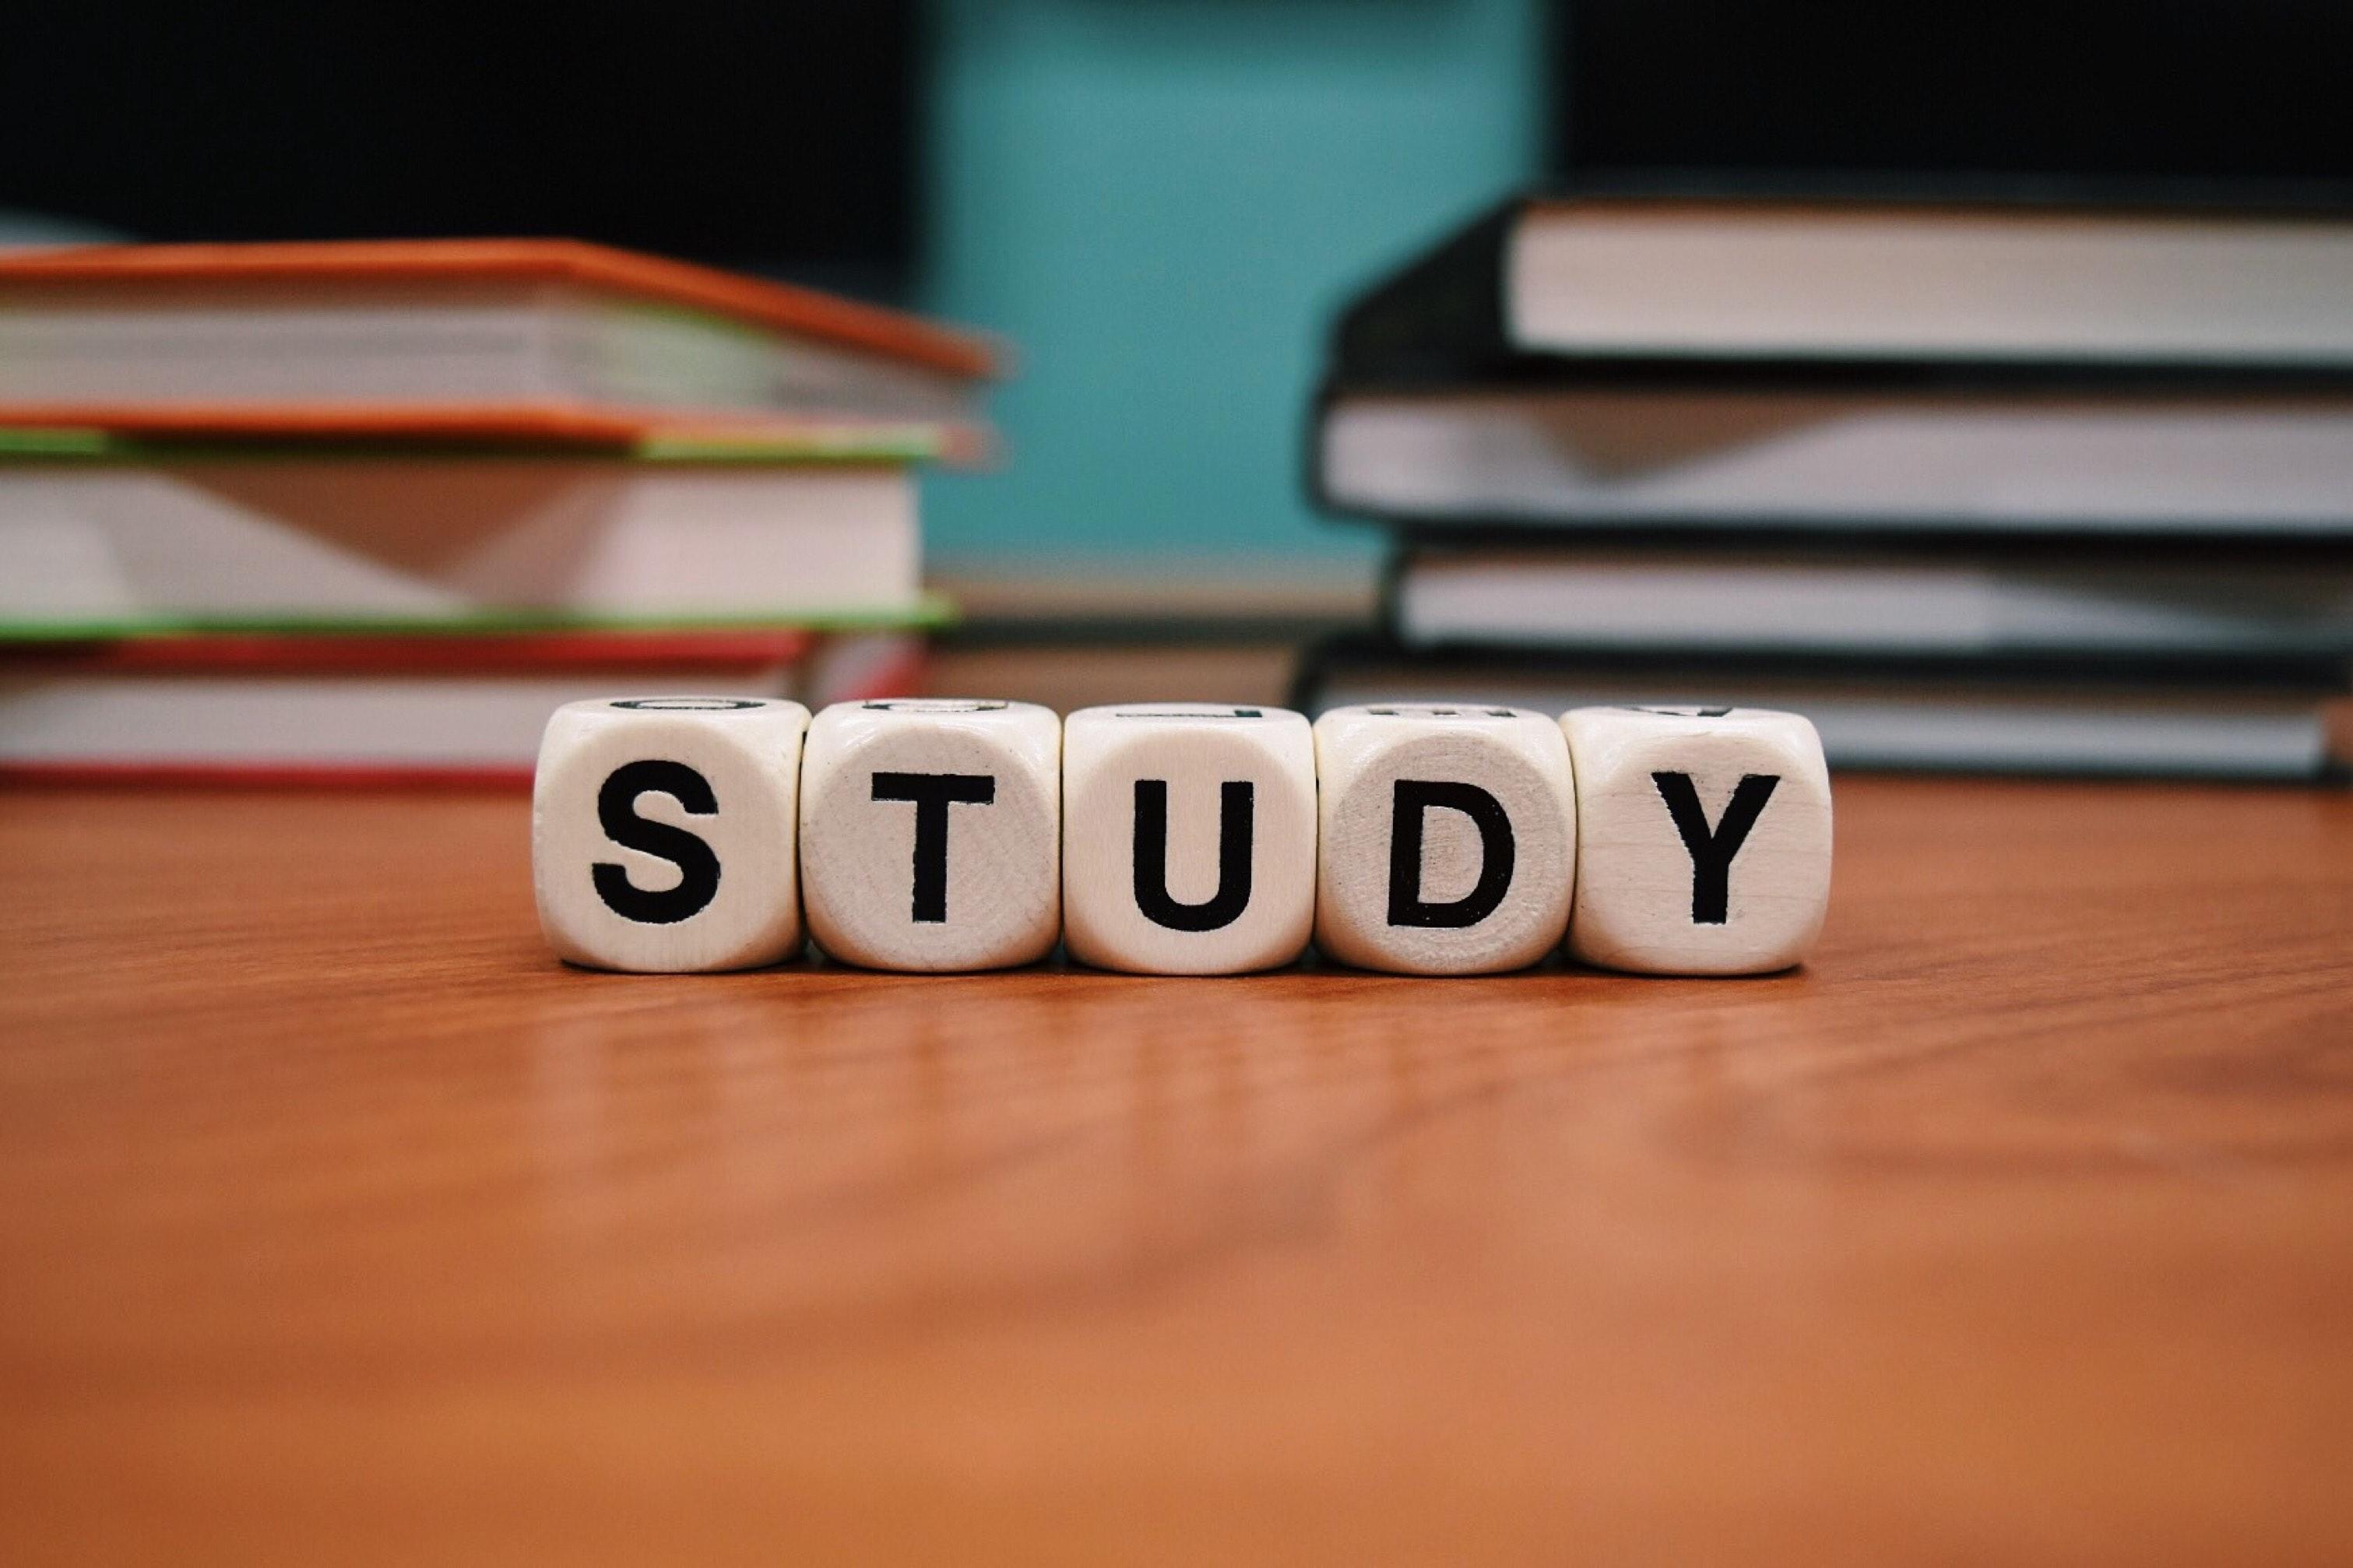 樊登读书会合集-听别人说书真的可以学懂知识吗?